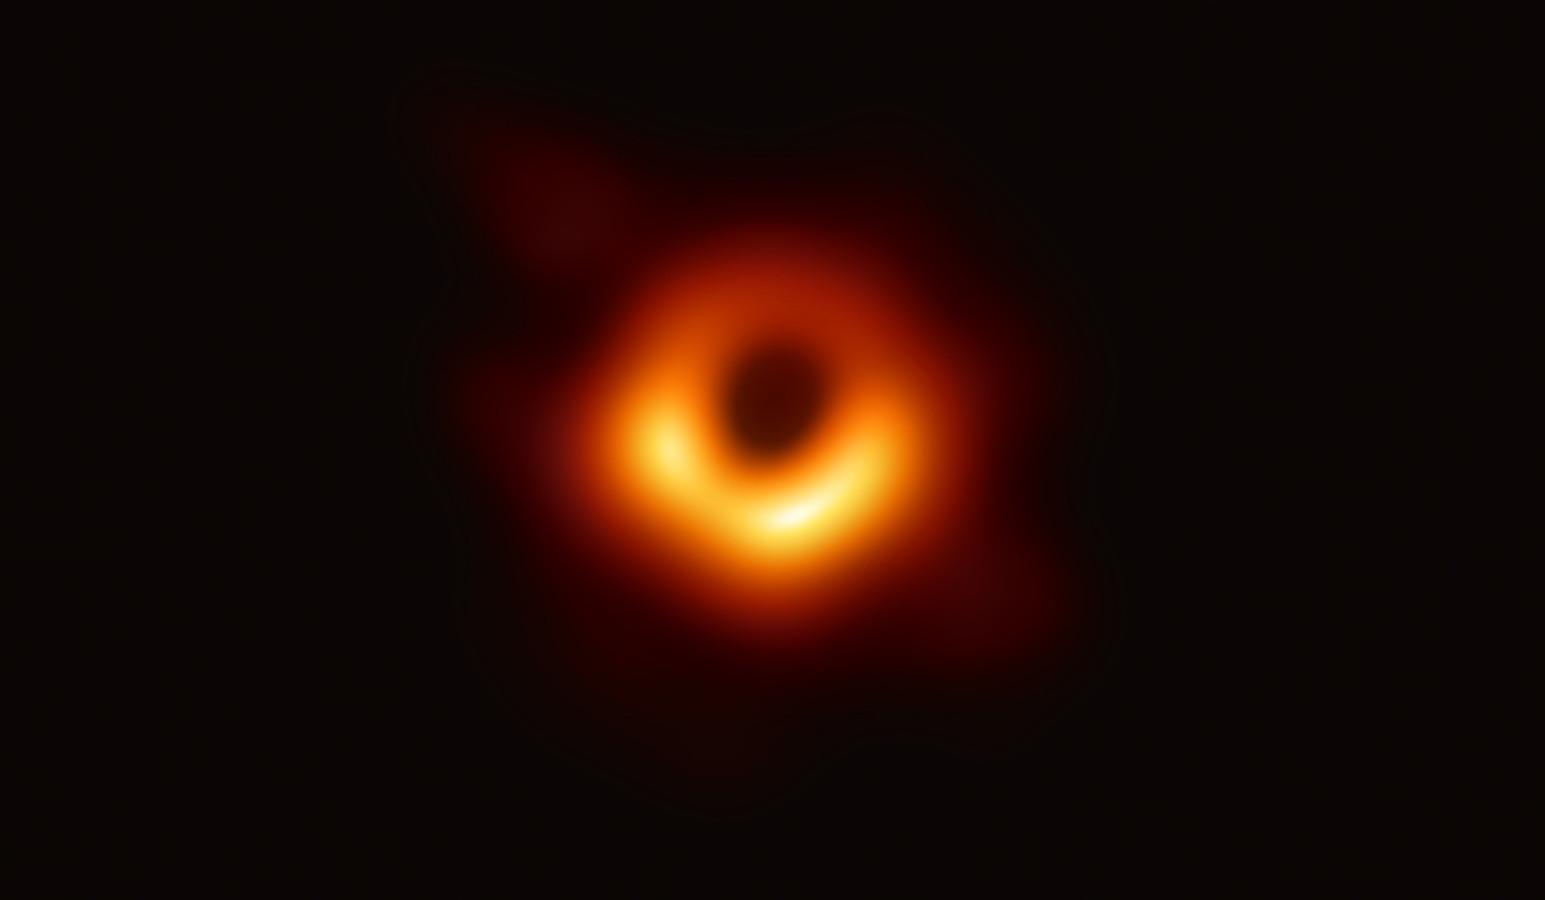 De eerste foto van een zwart gat ooit, en daarmee het ultieme bewijs dat ze bestaan.